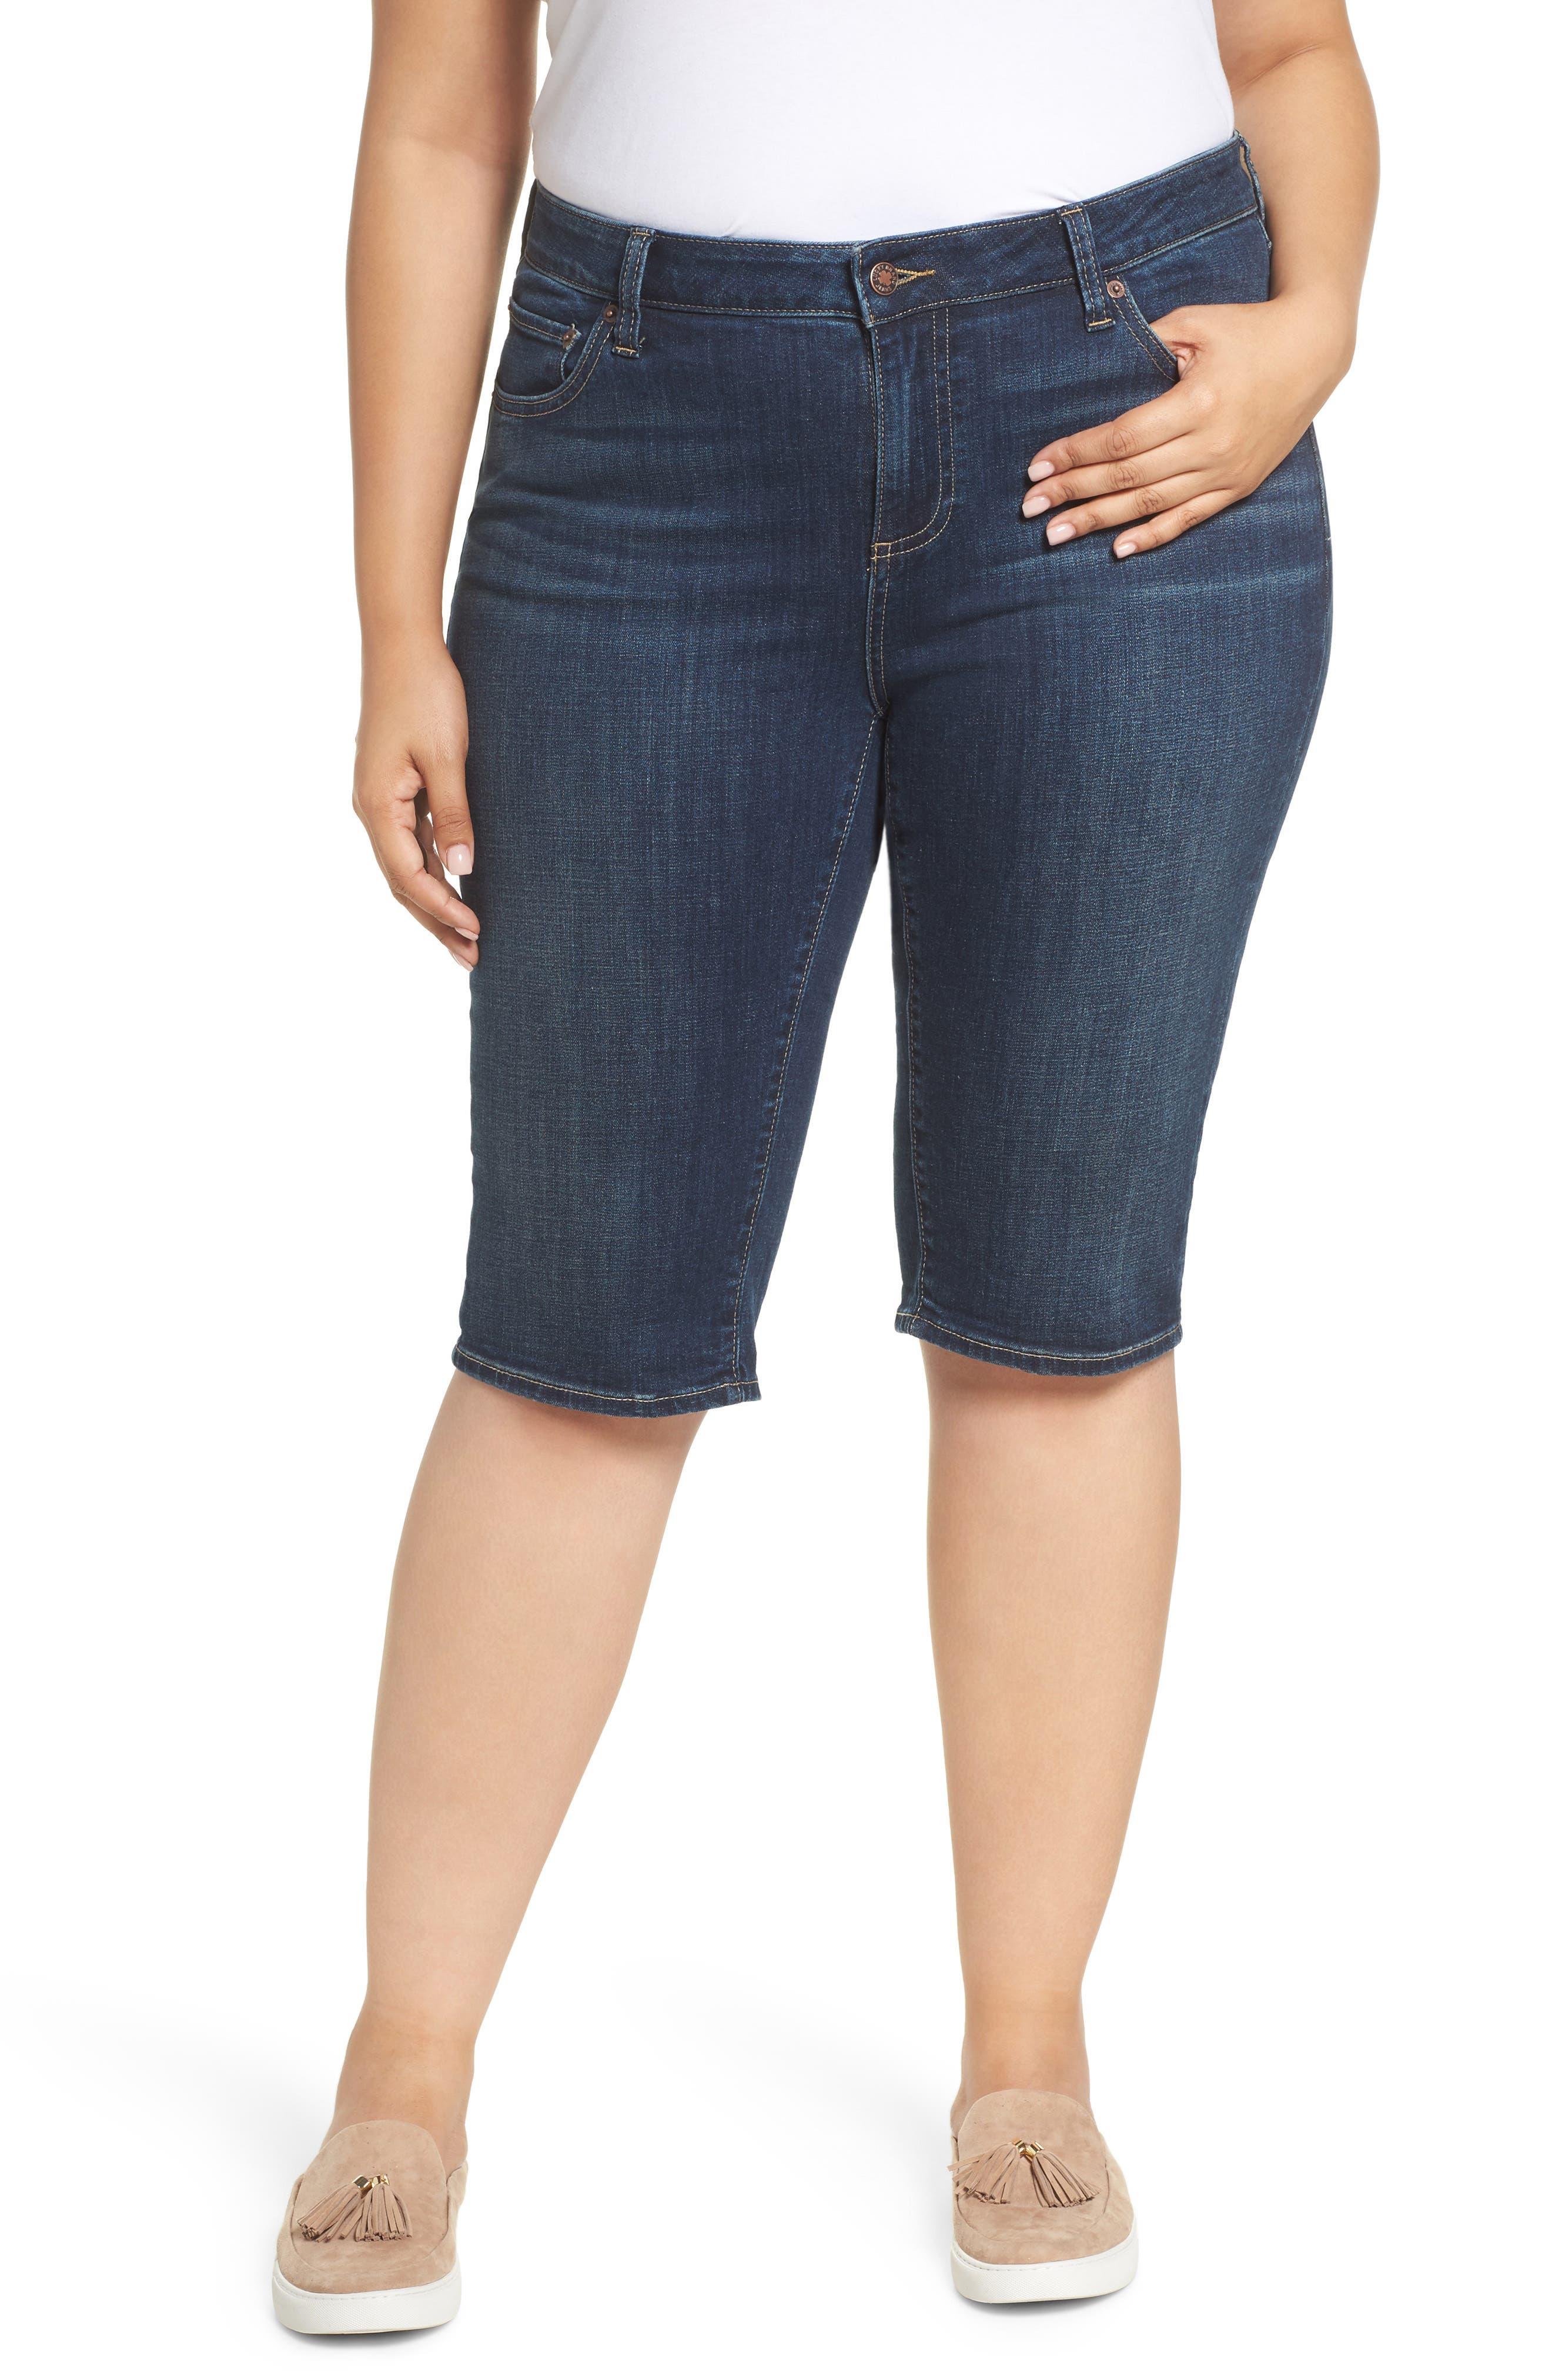 Ginger Bermuda Shorts,                             Main thumbnail 1, color,                             430